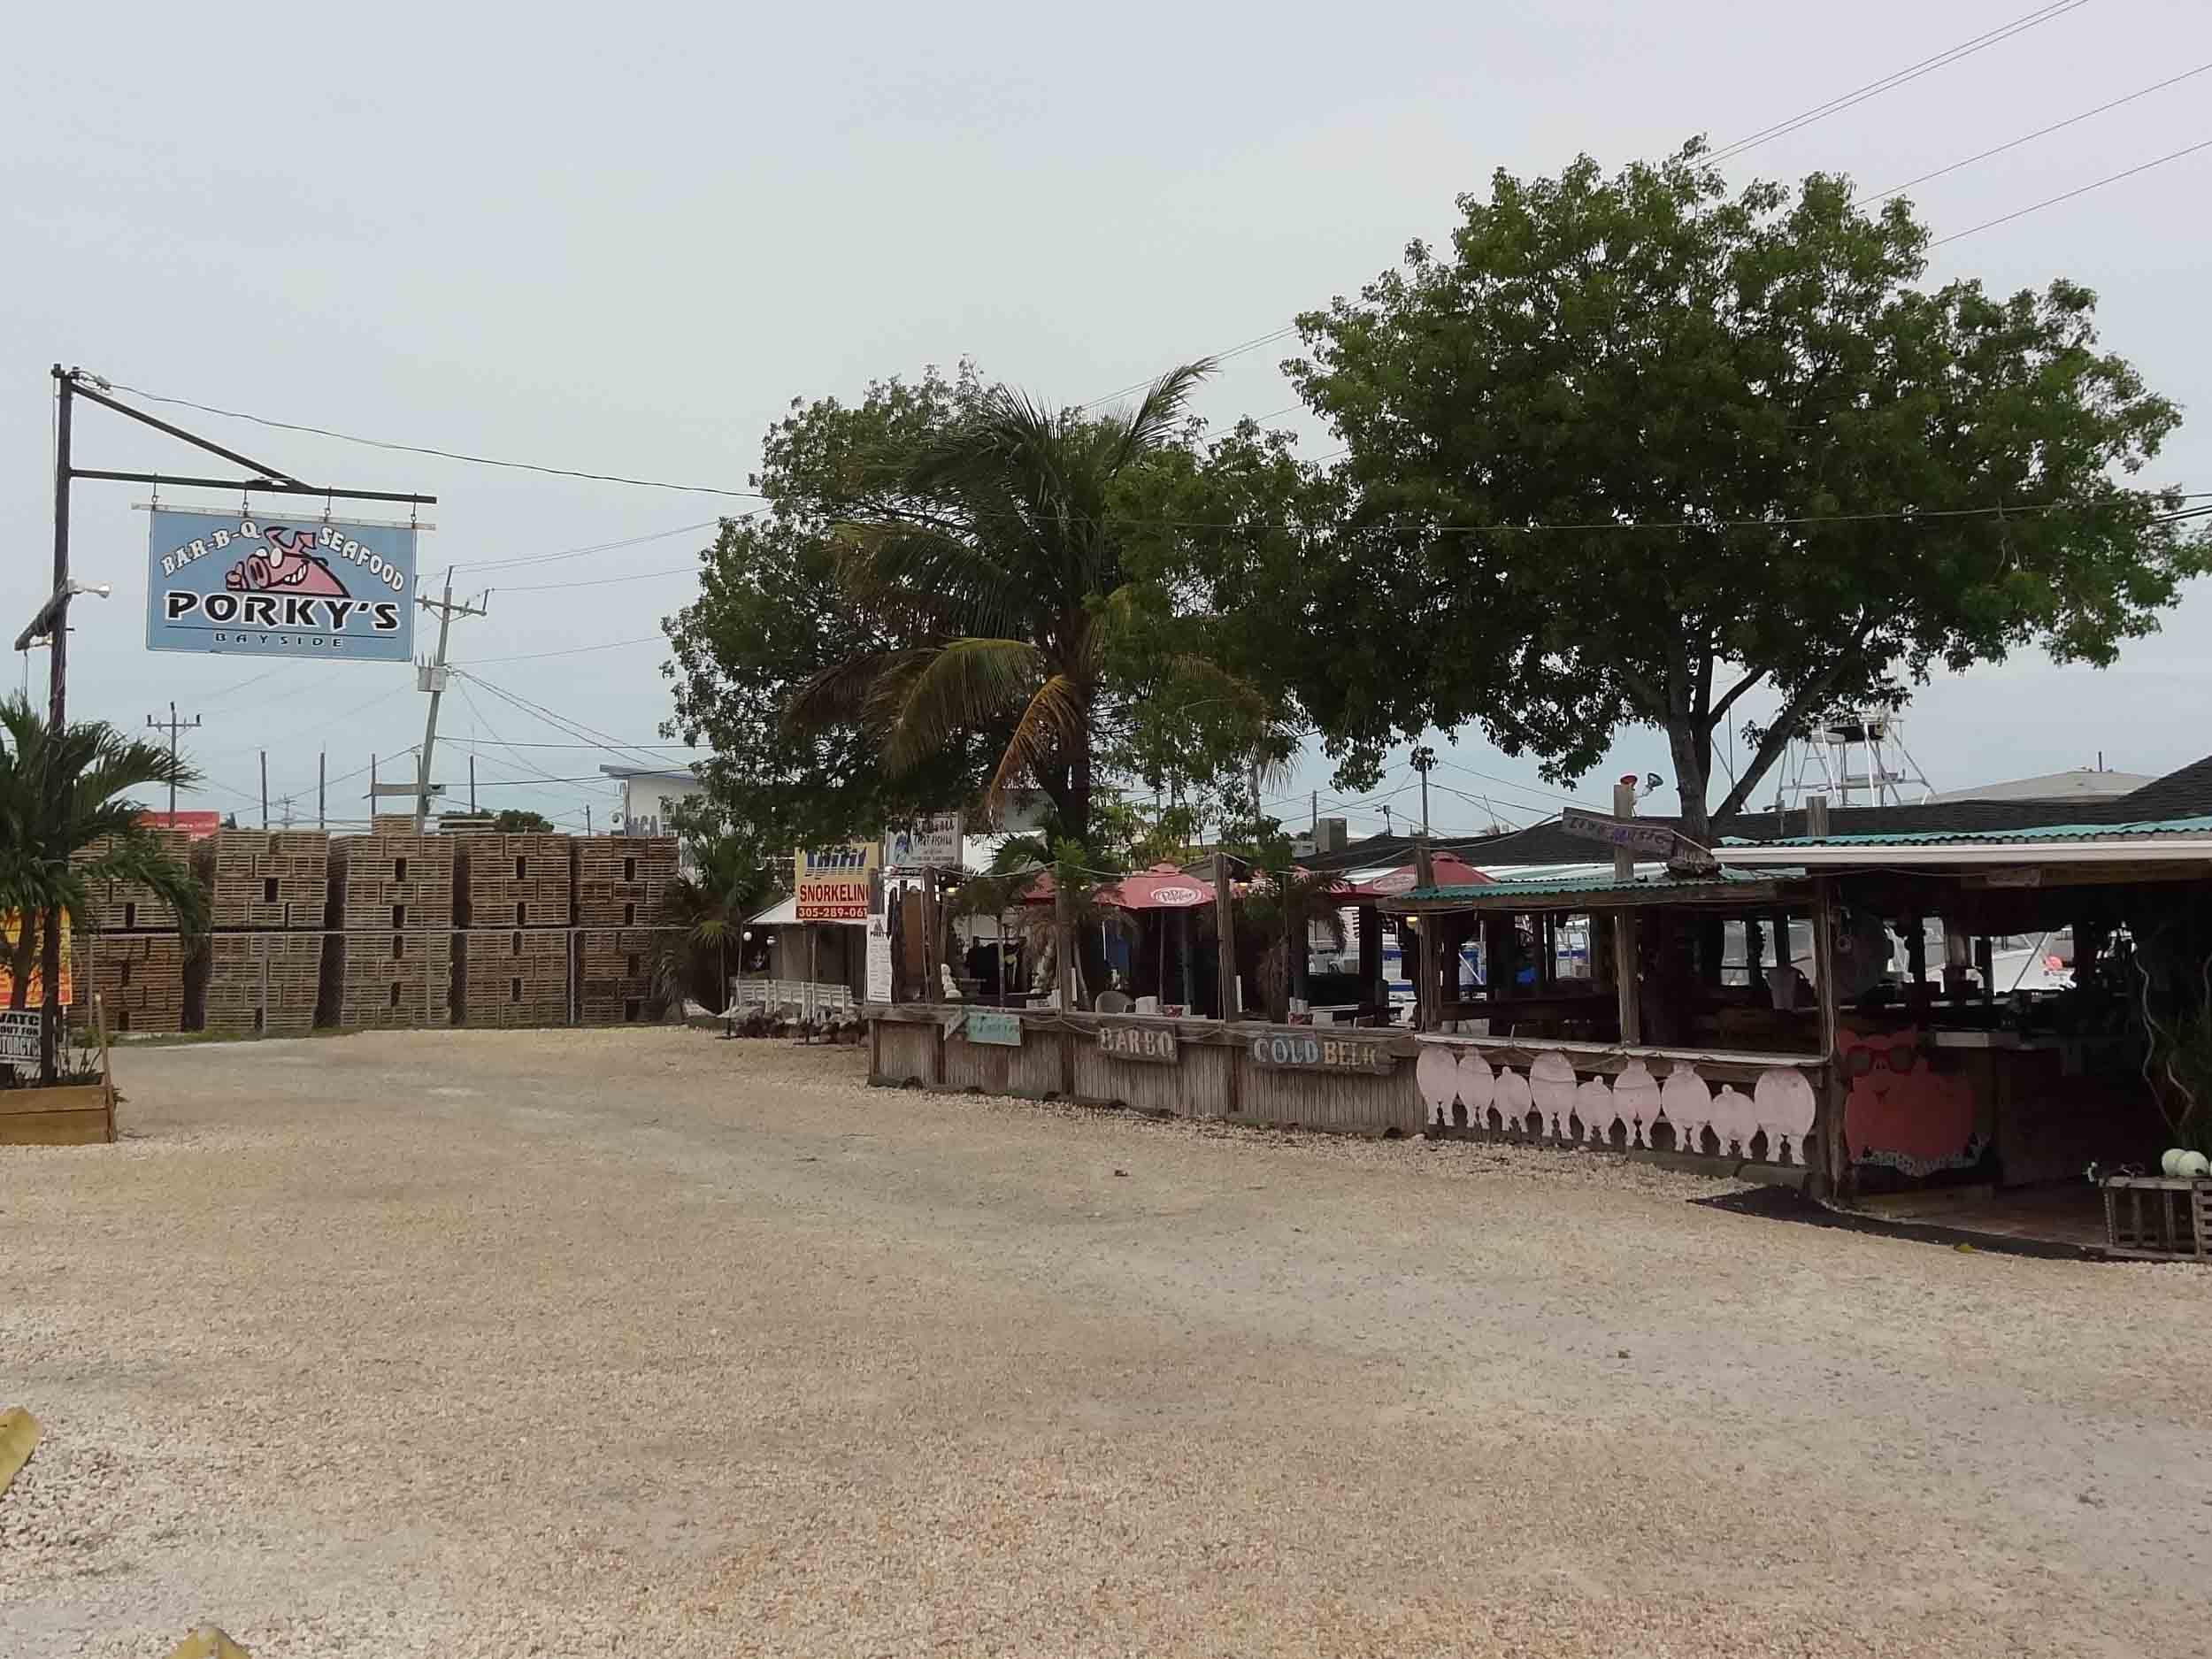 Porky's Bayside Restaurant and Marina Exterior